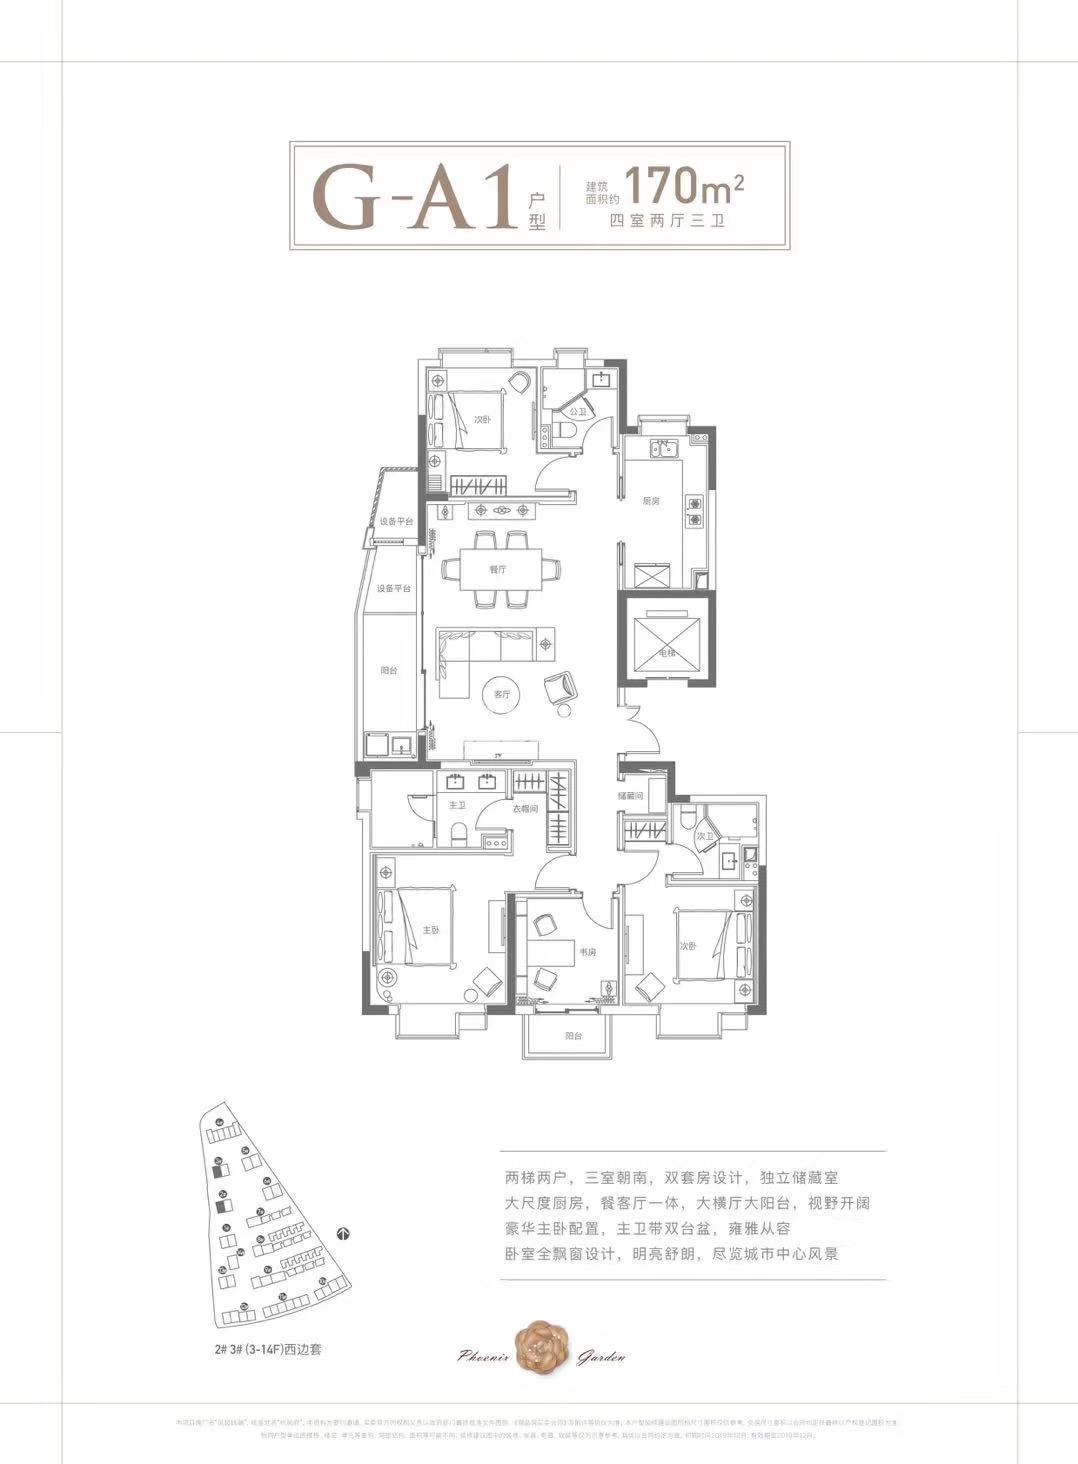 凤起钱潮G-A1户型170方2、3#